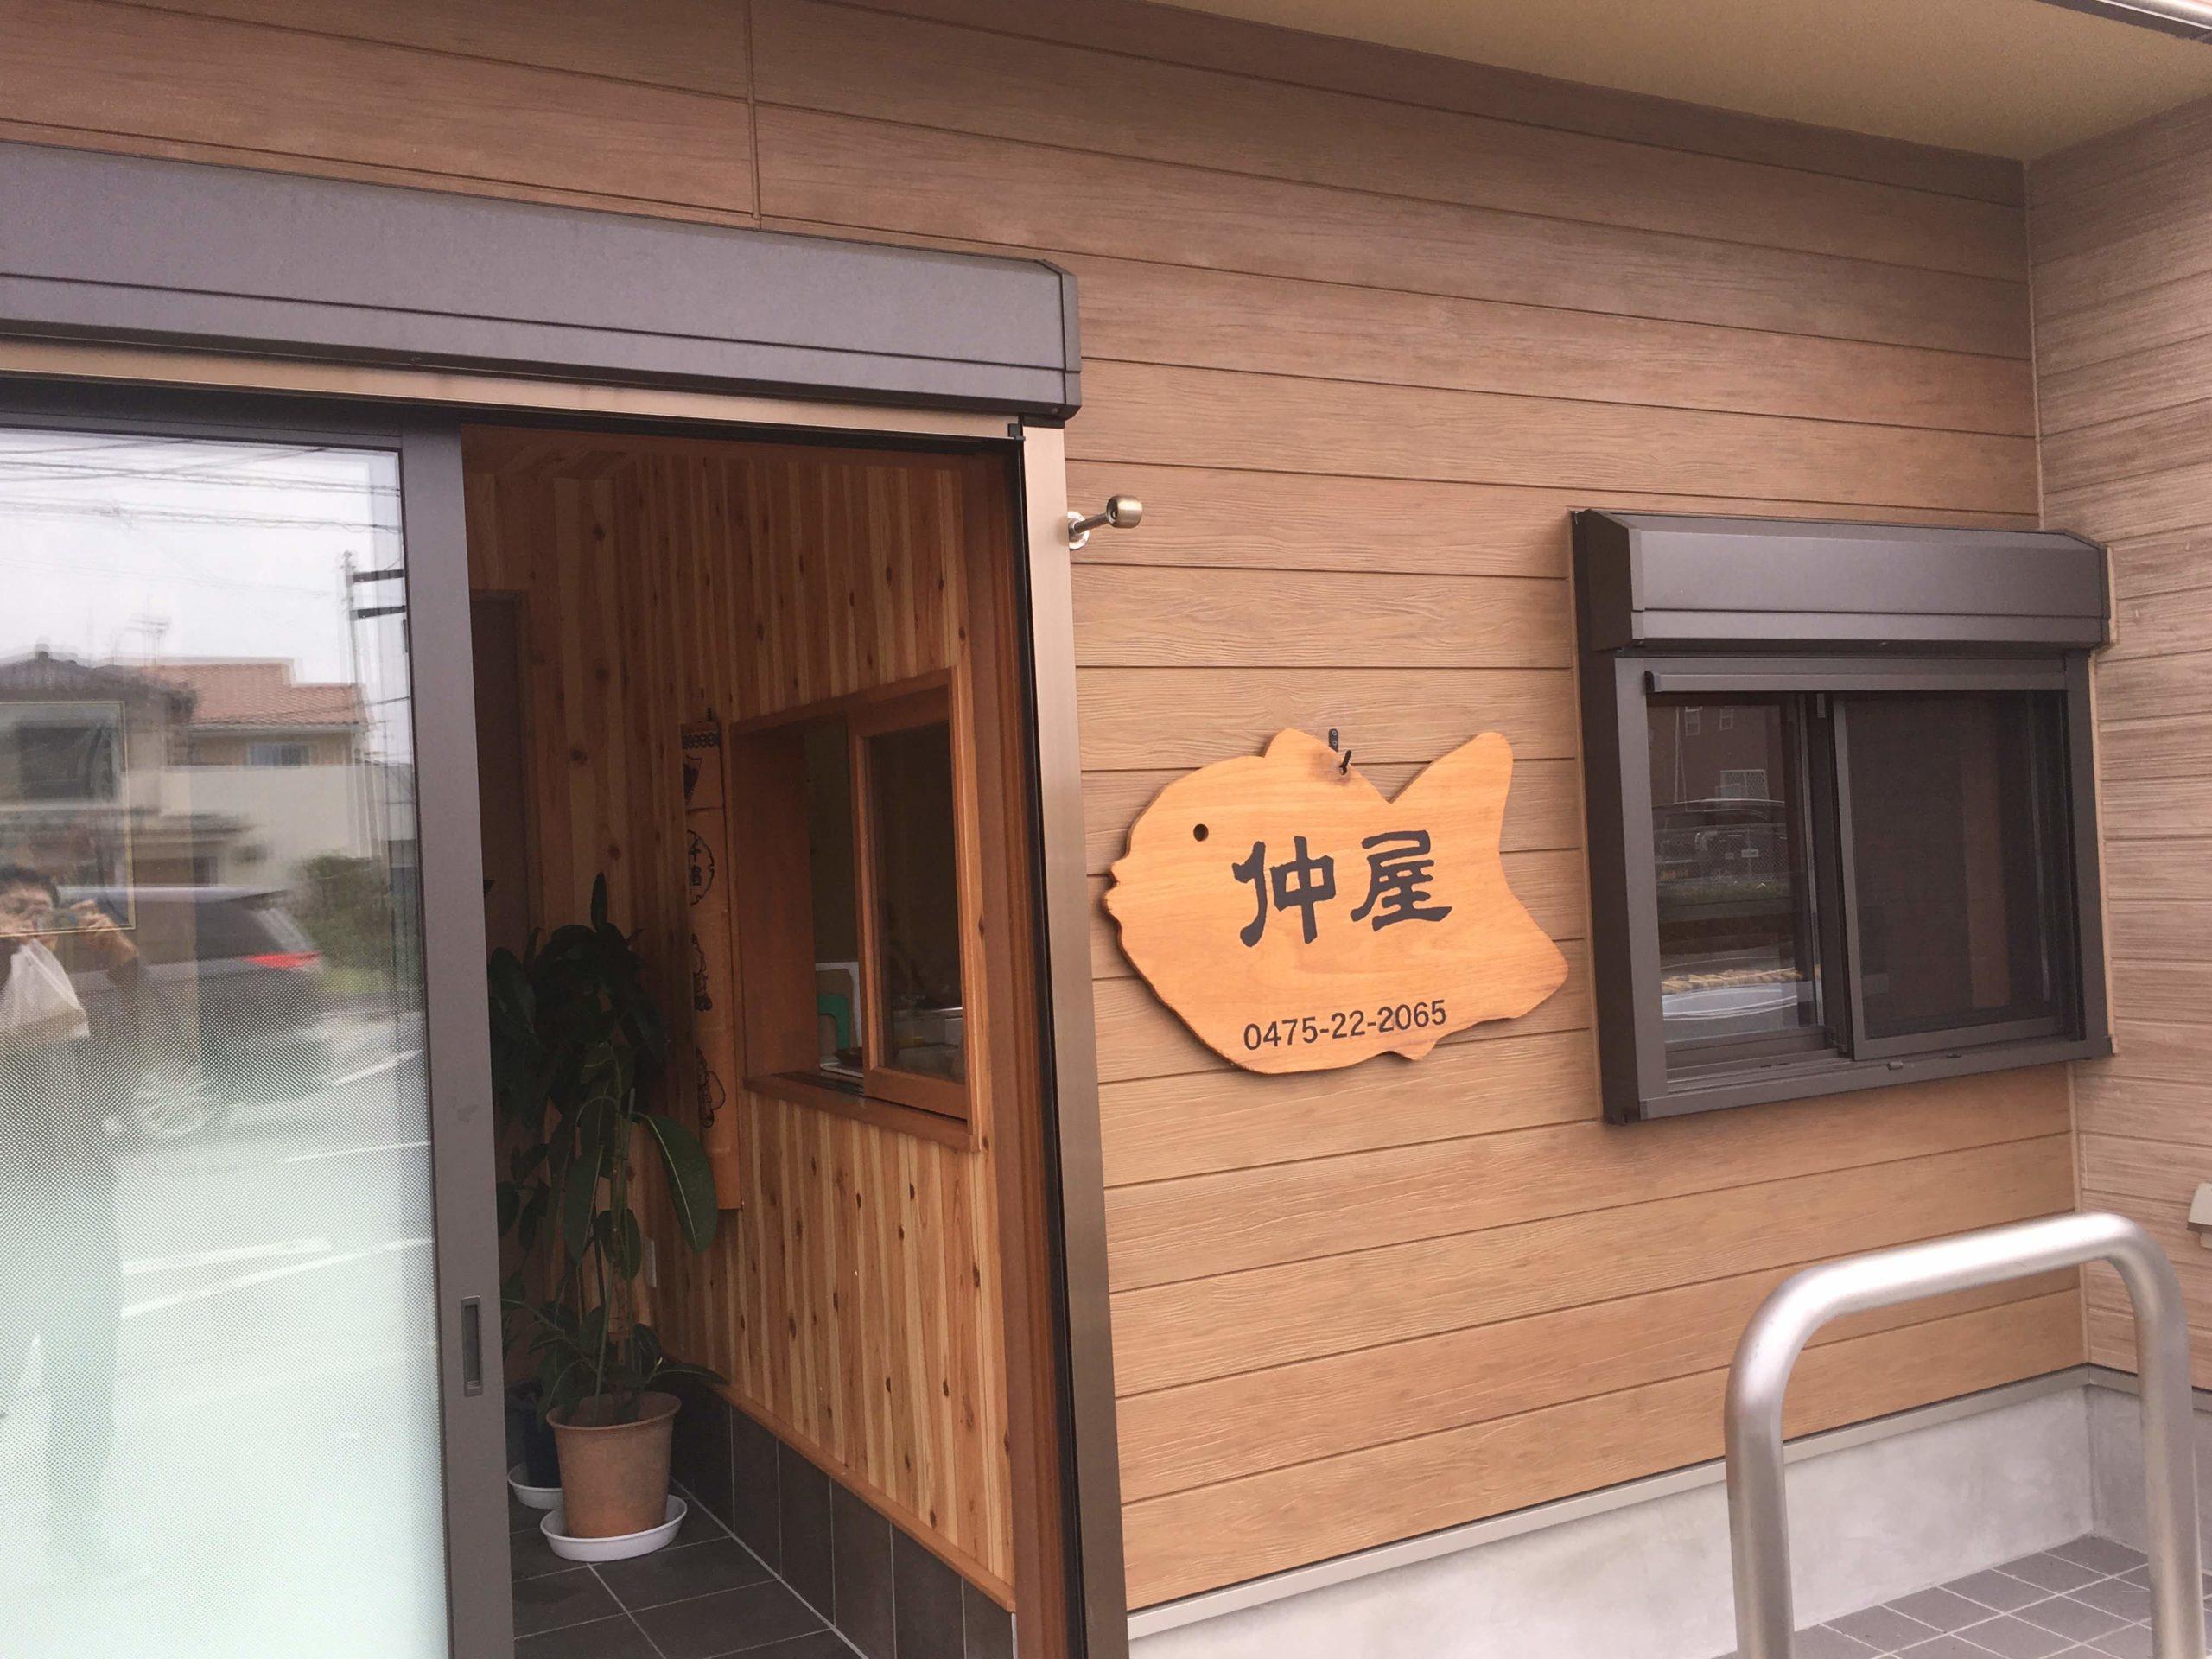 茂原の老舗鯛焼き屋「仲屋たい焼き」さん